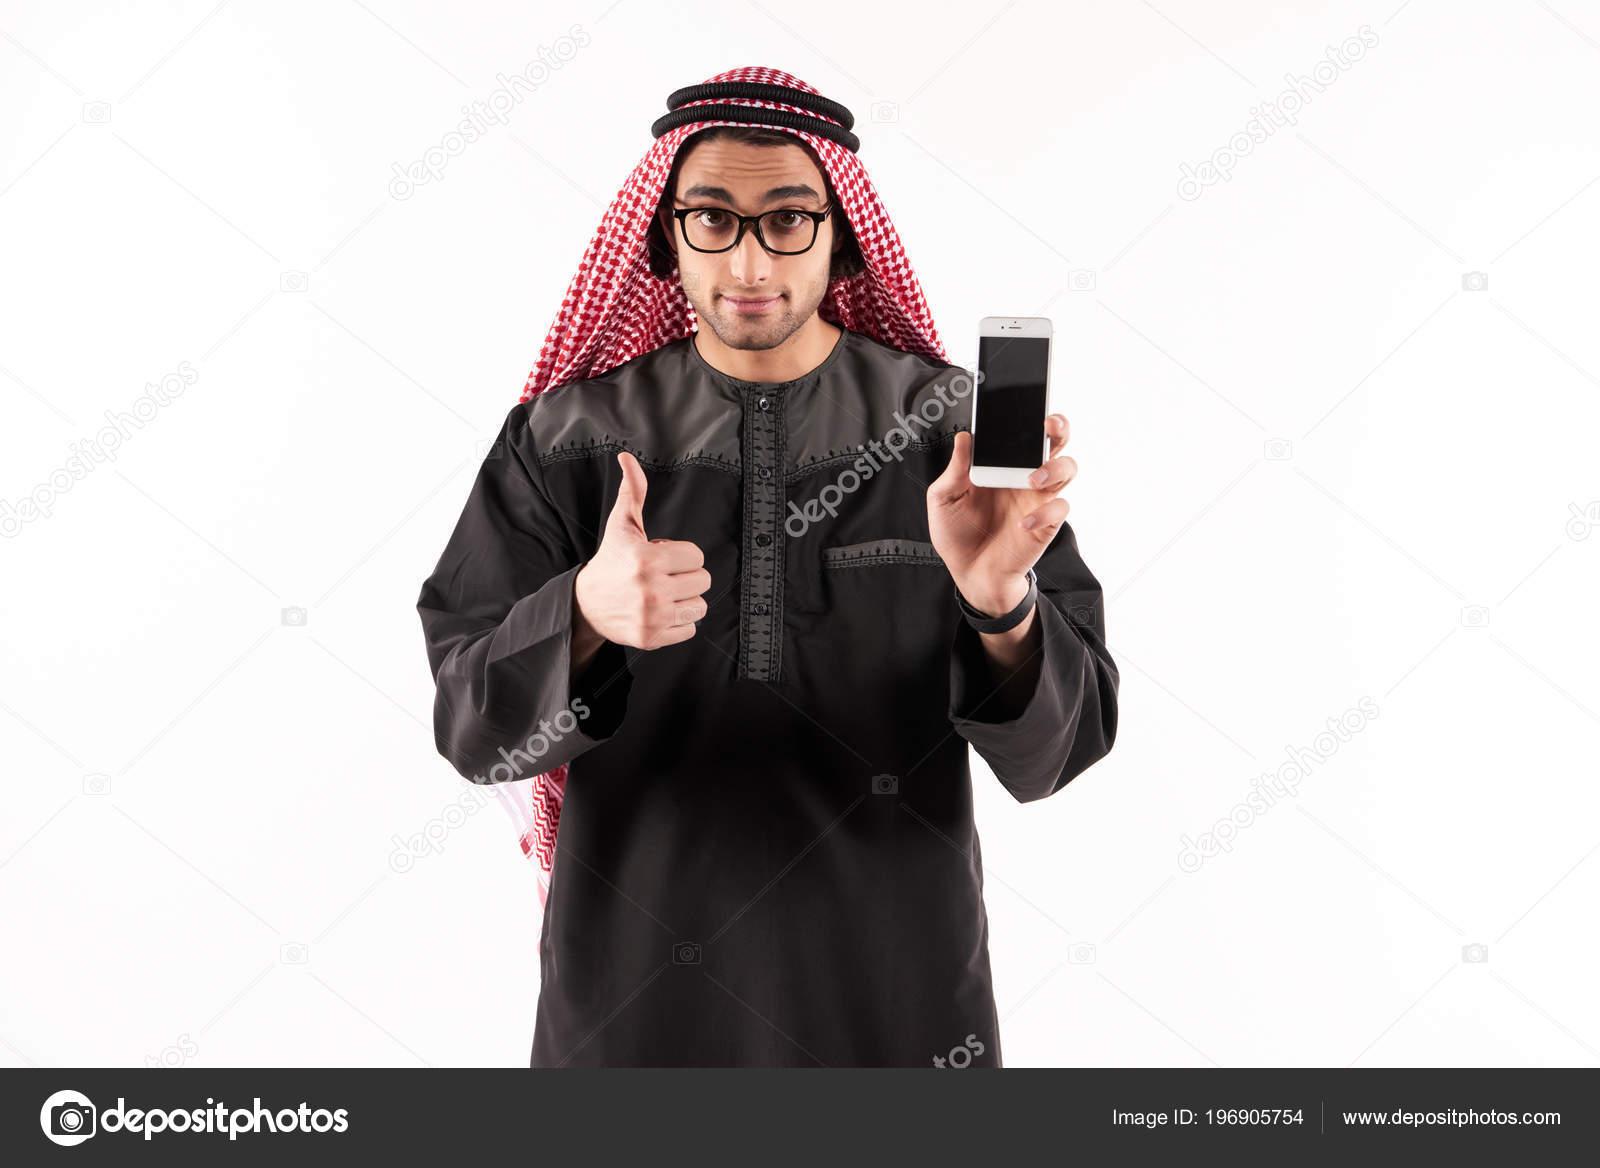 ишшу знакомства крупного бизнесмена в арабском емирате